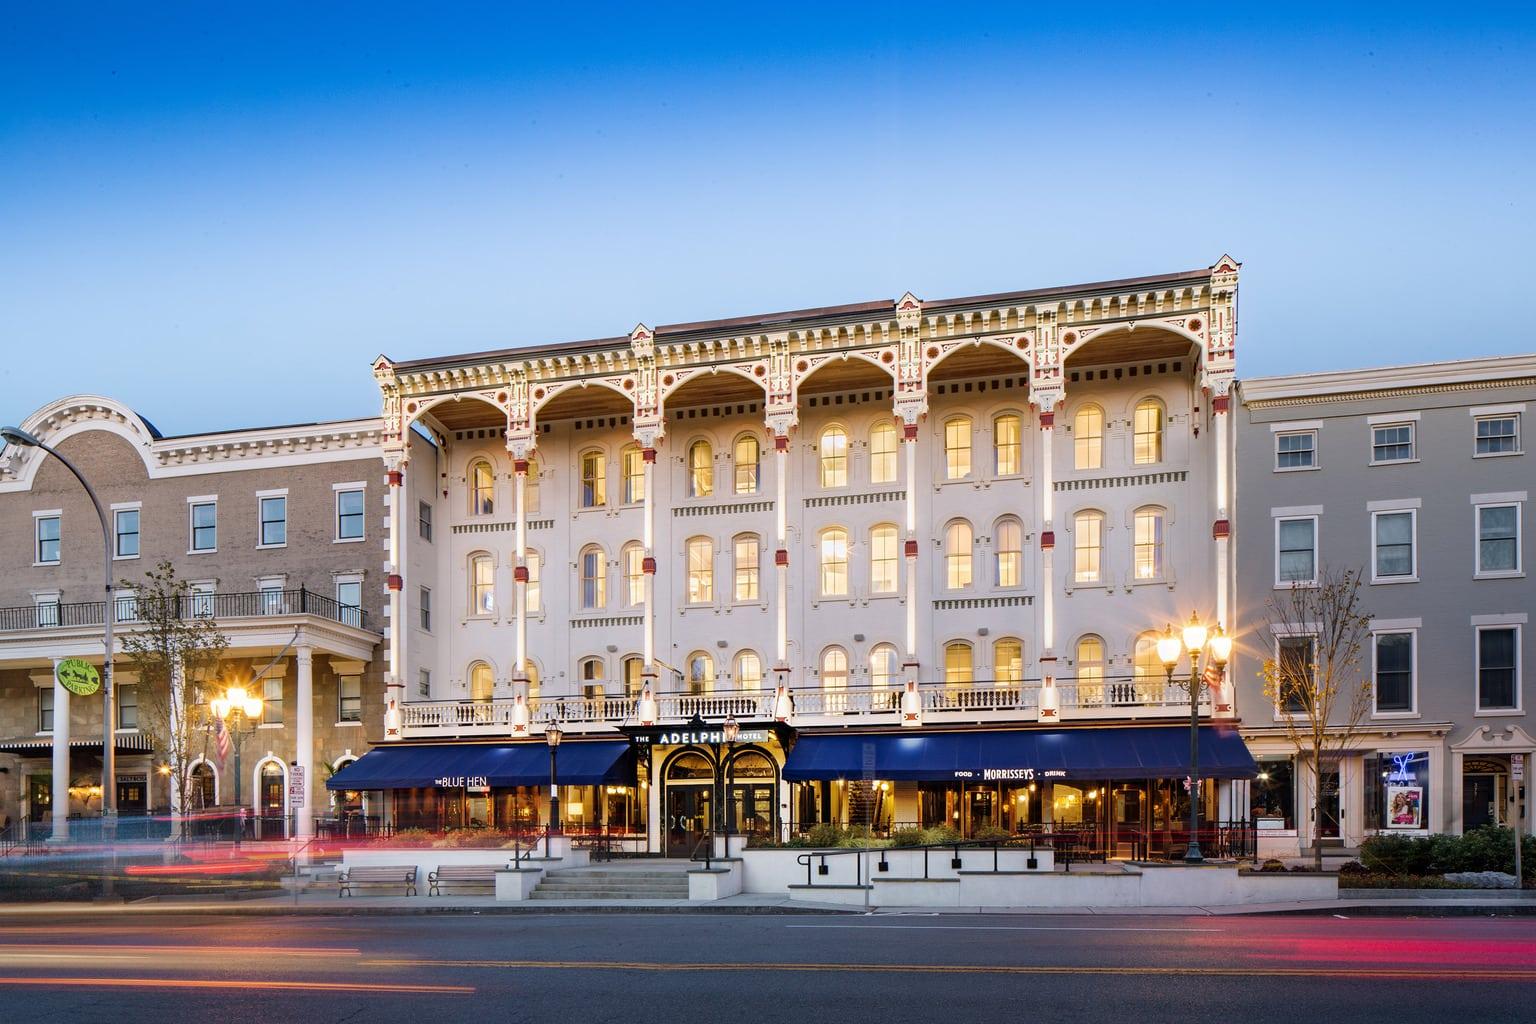 Adelphi Hotel, Saratoga Springs NY